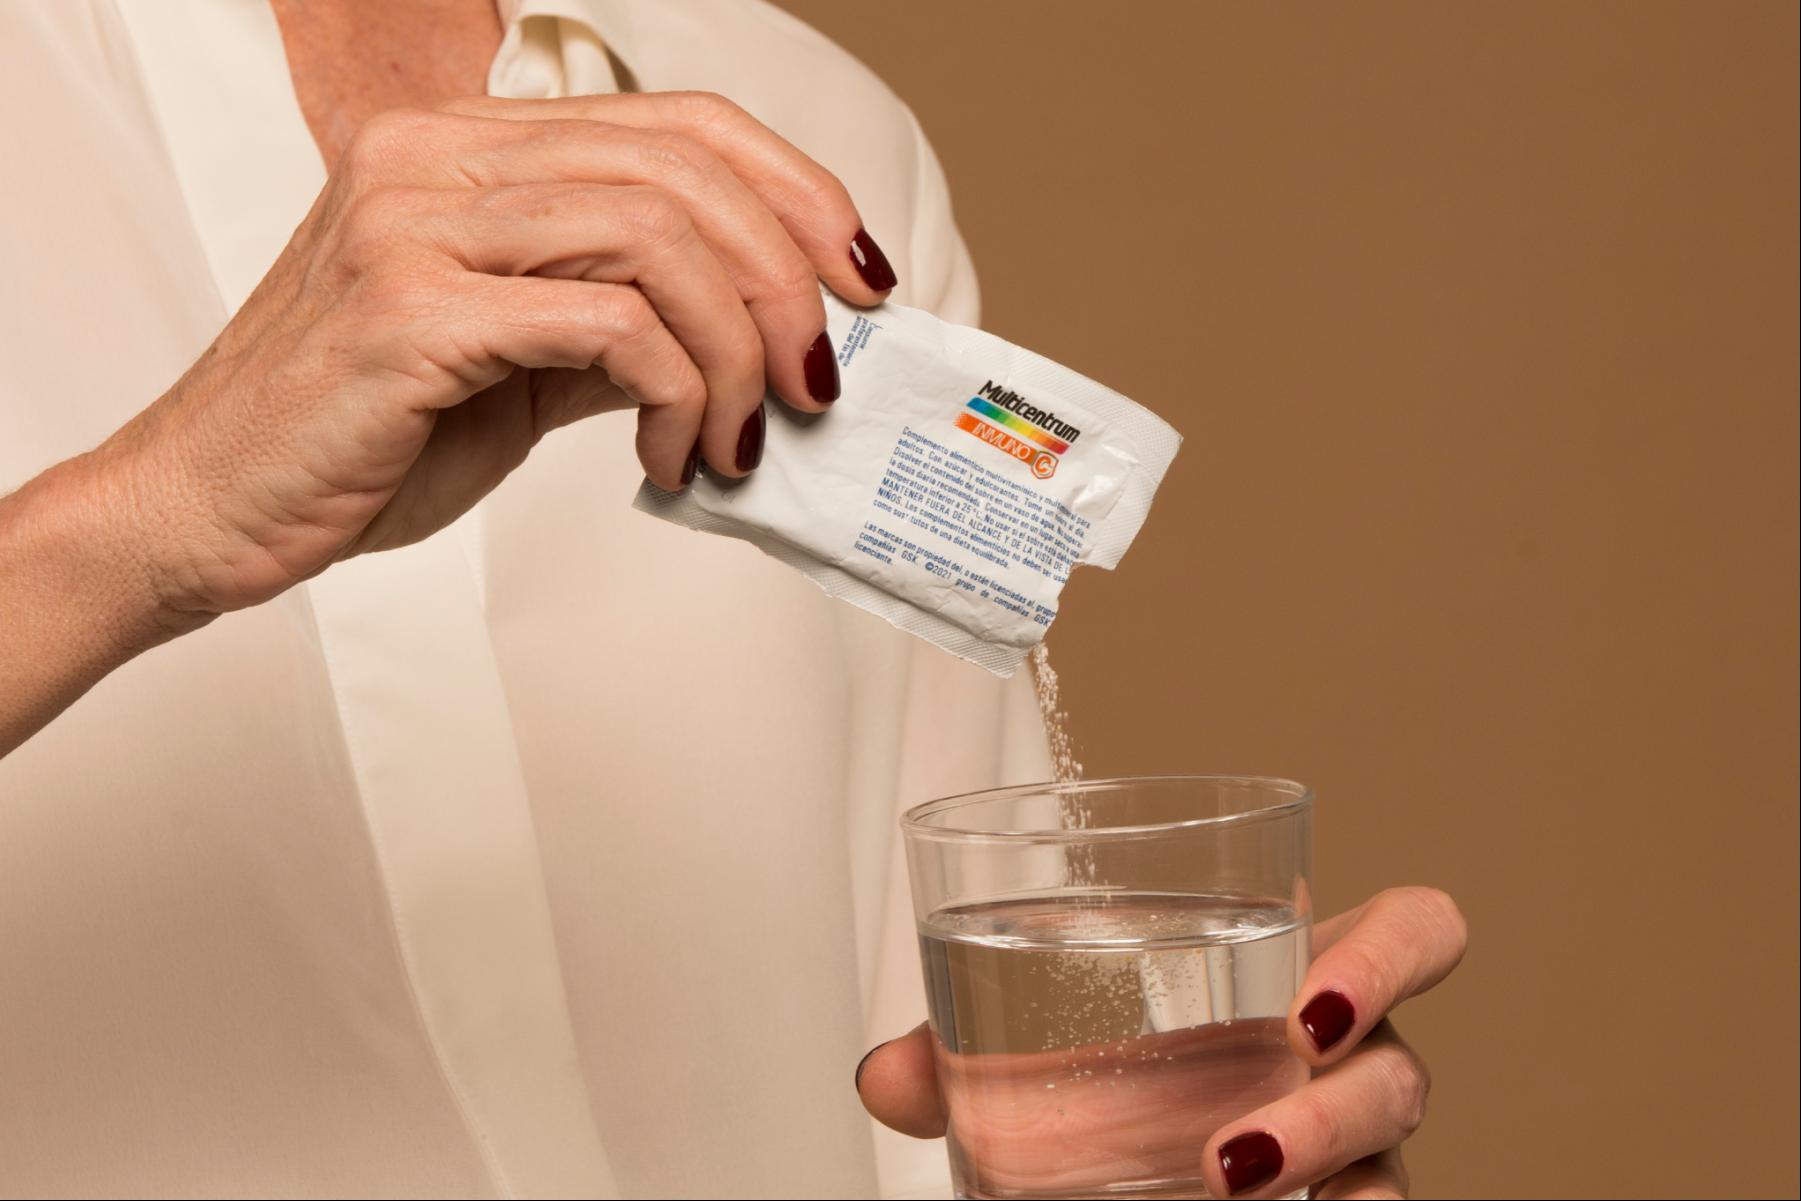 La otra pandemia: déficit de Vitamina D, ¿Cómo prevenirlo?